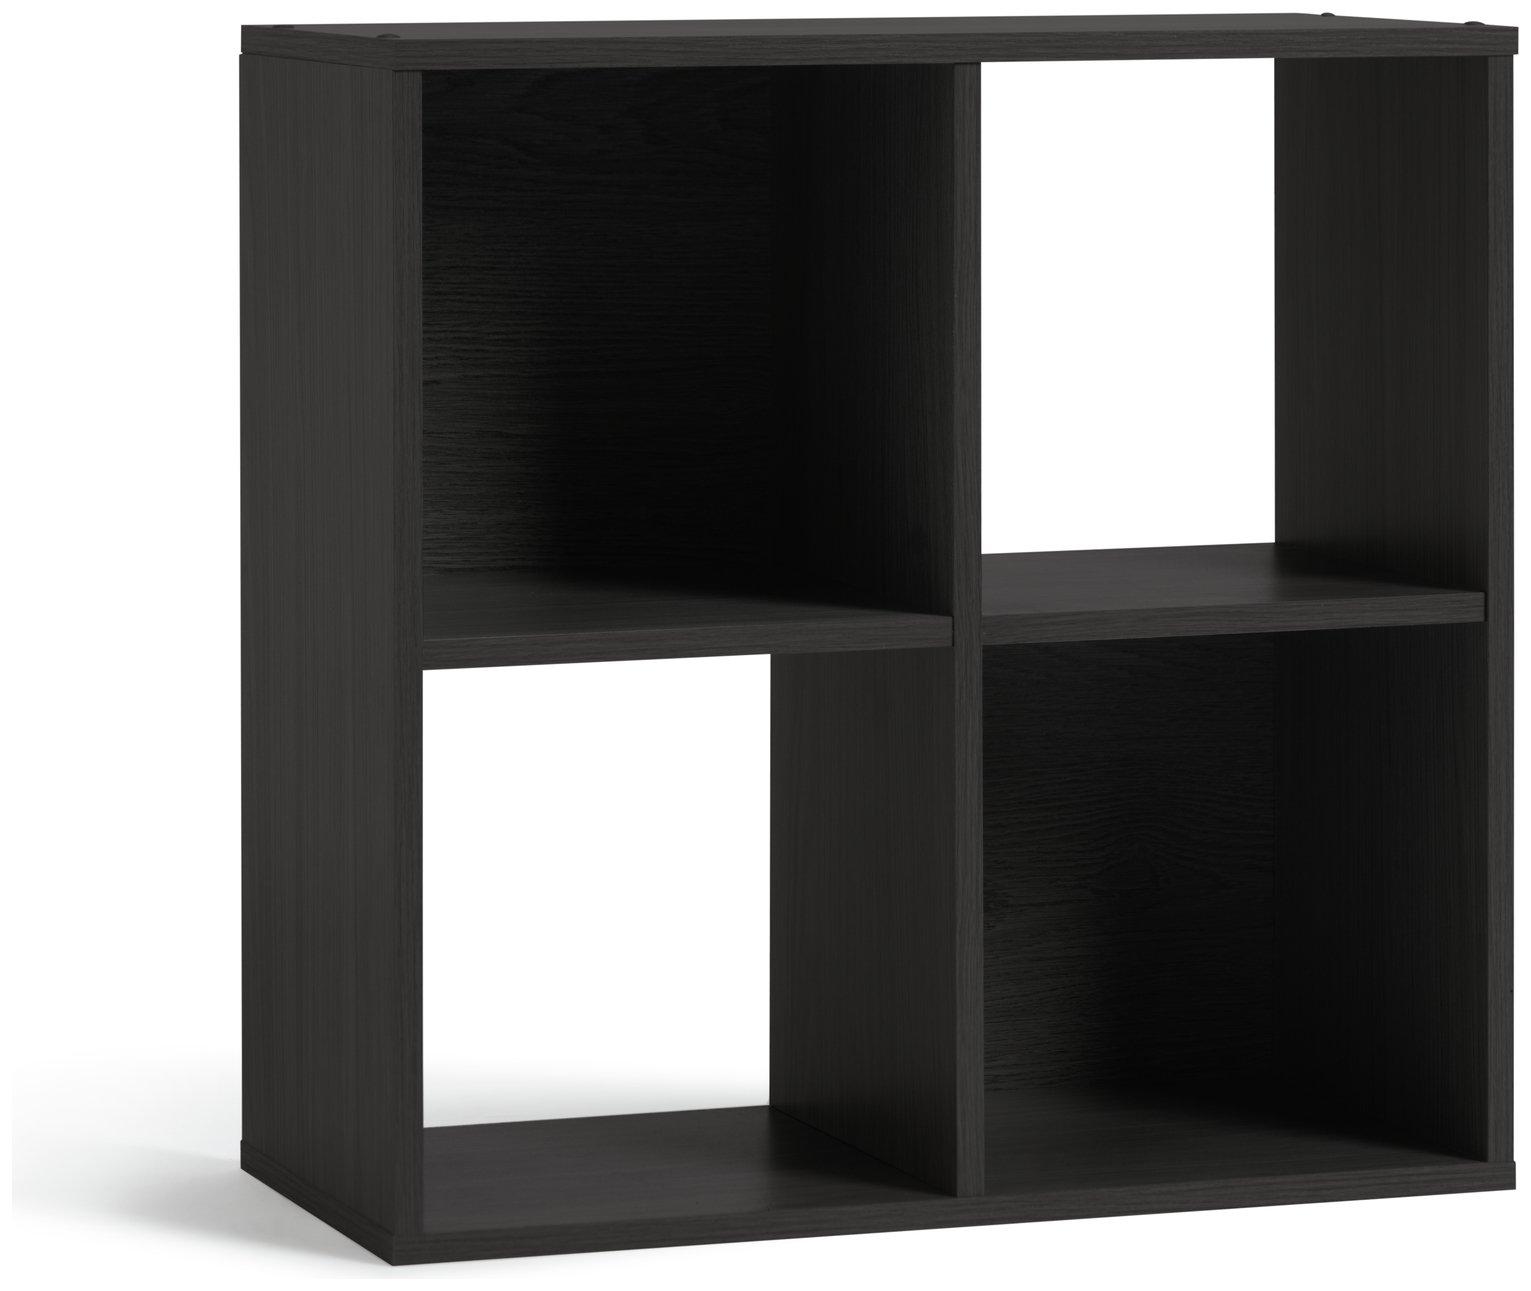 Argos Home Squares 4 Cube Storage Unit Black